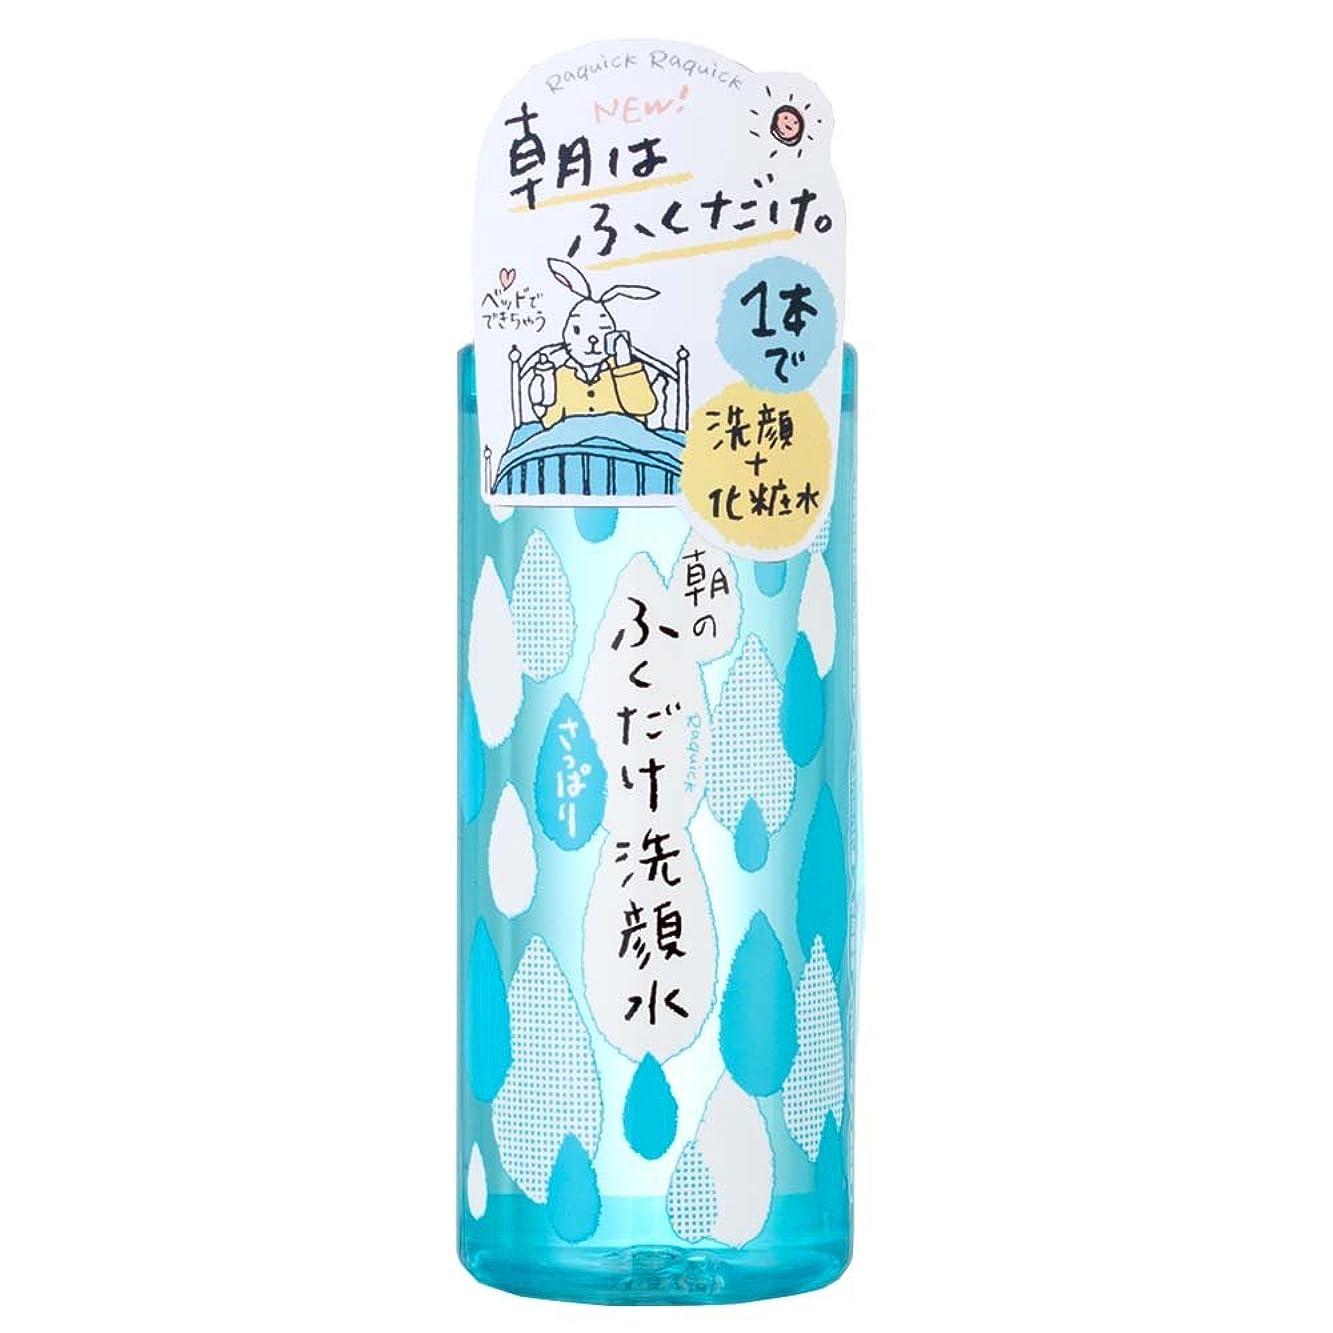 キャラバン段階批判するラクイック 朝のふくだけ洗顔水 さっぱり 310mL